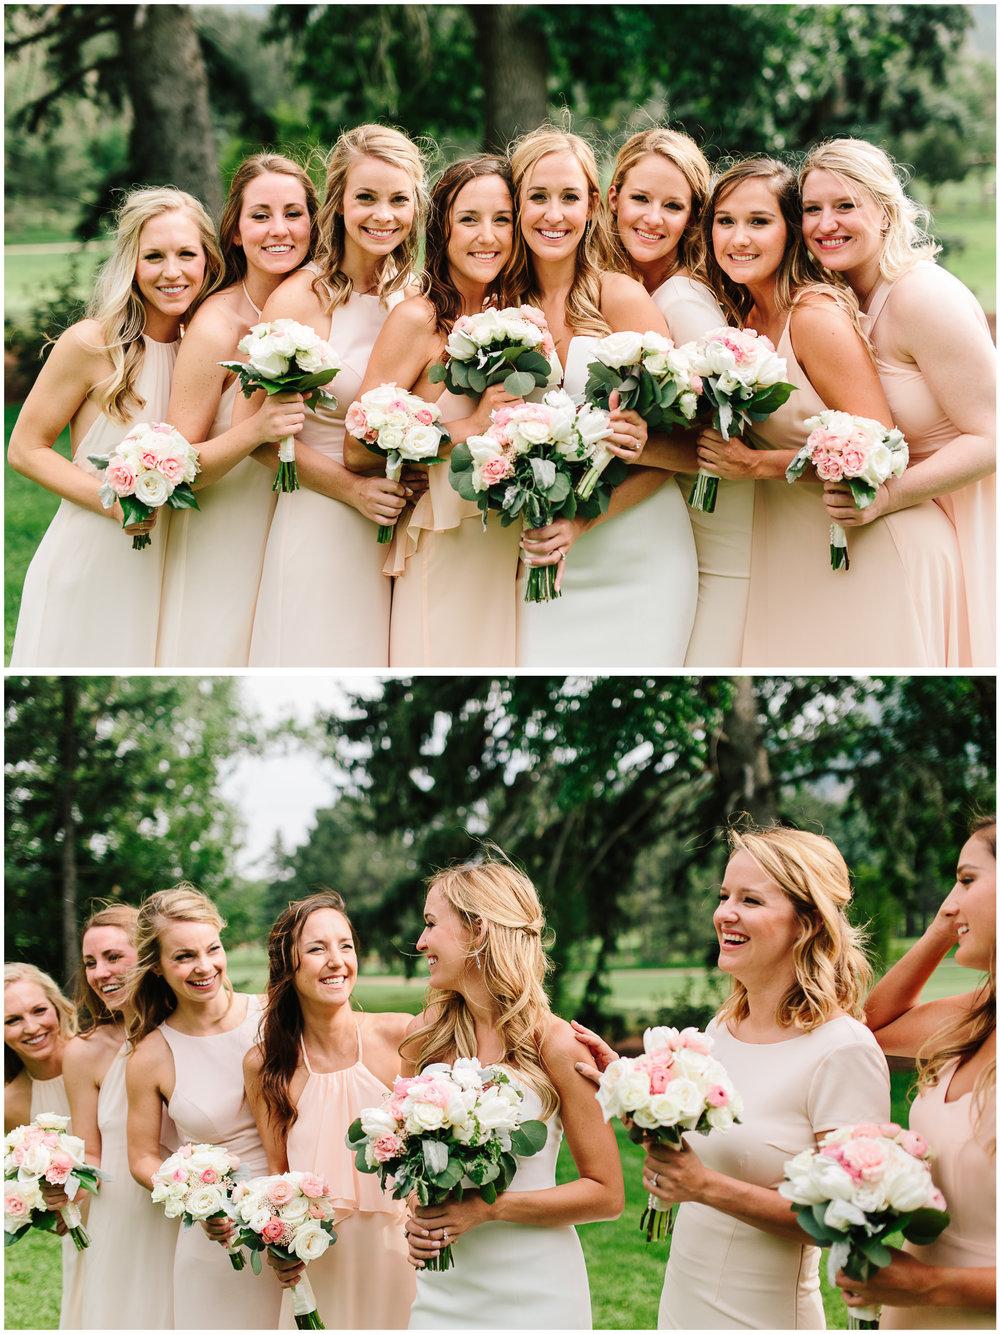 broadmoor_wedding_45.jpg